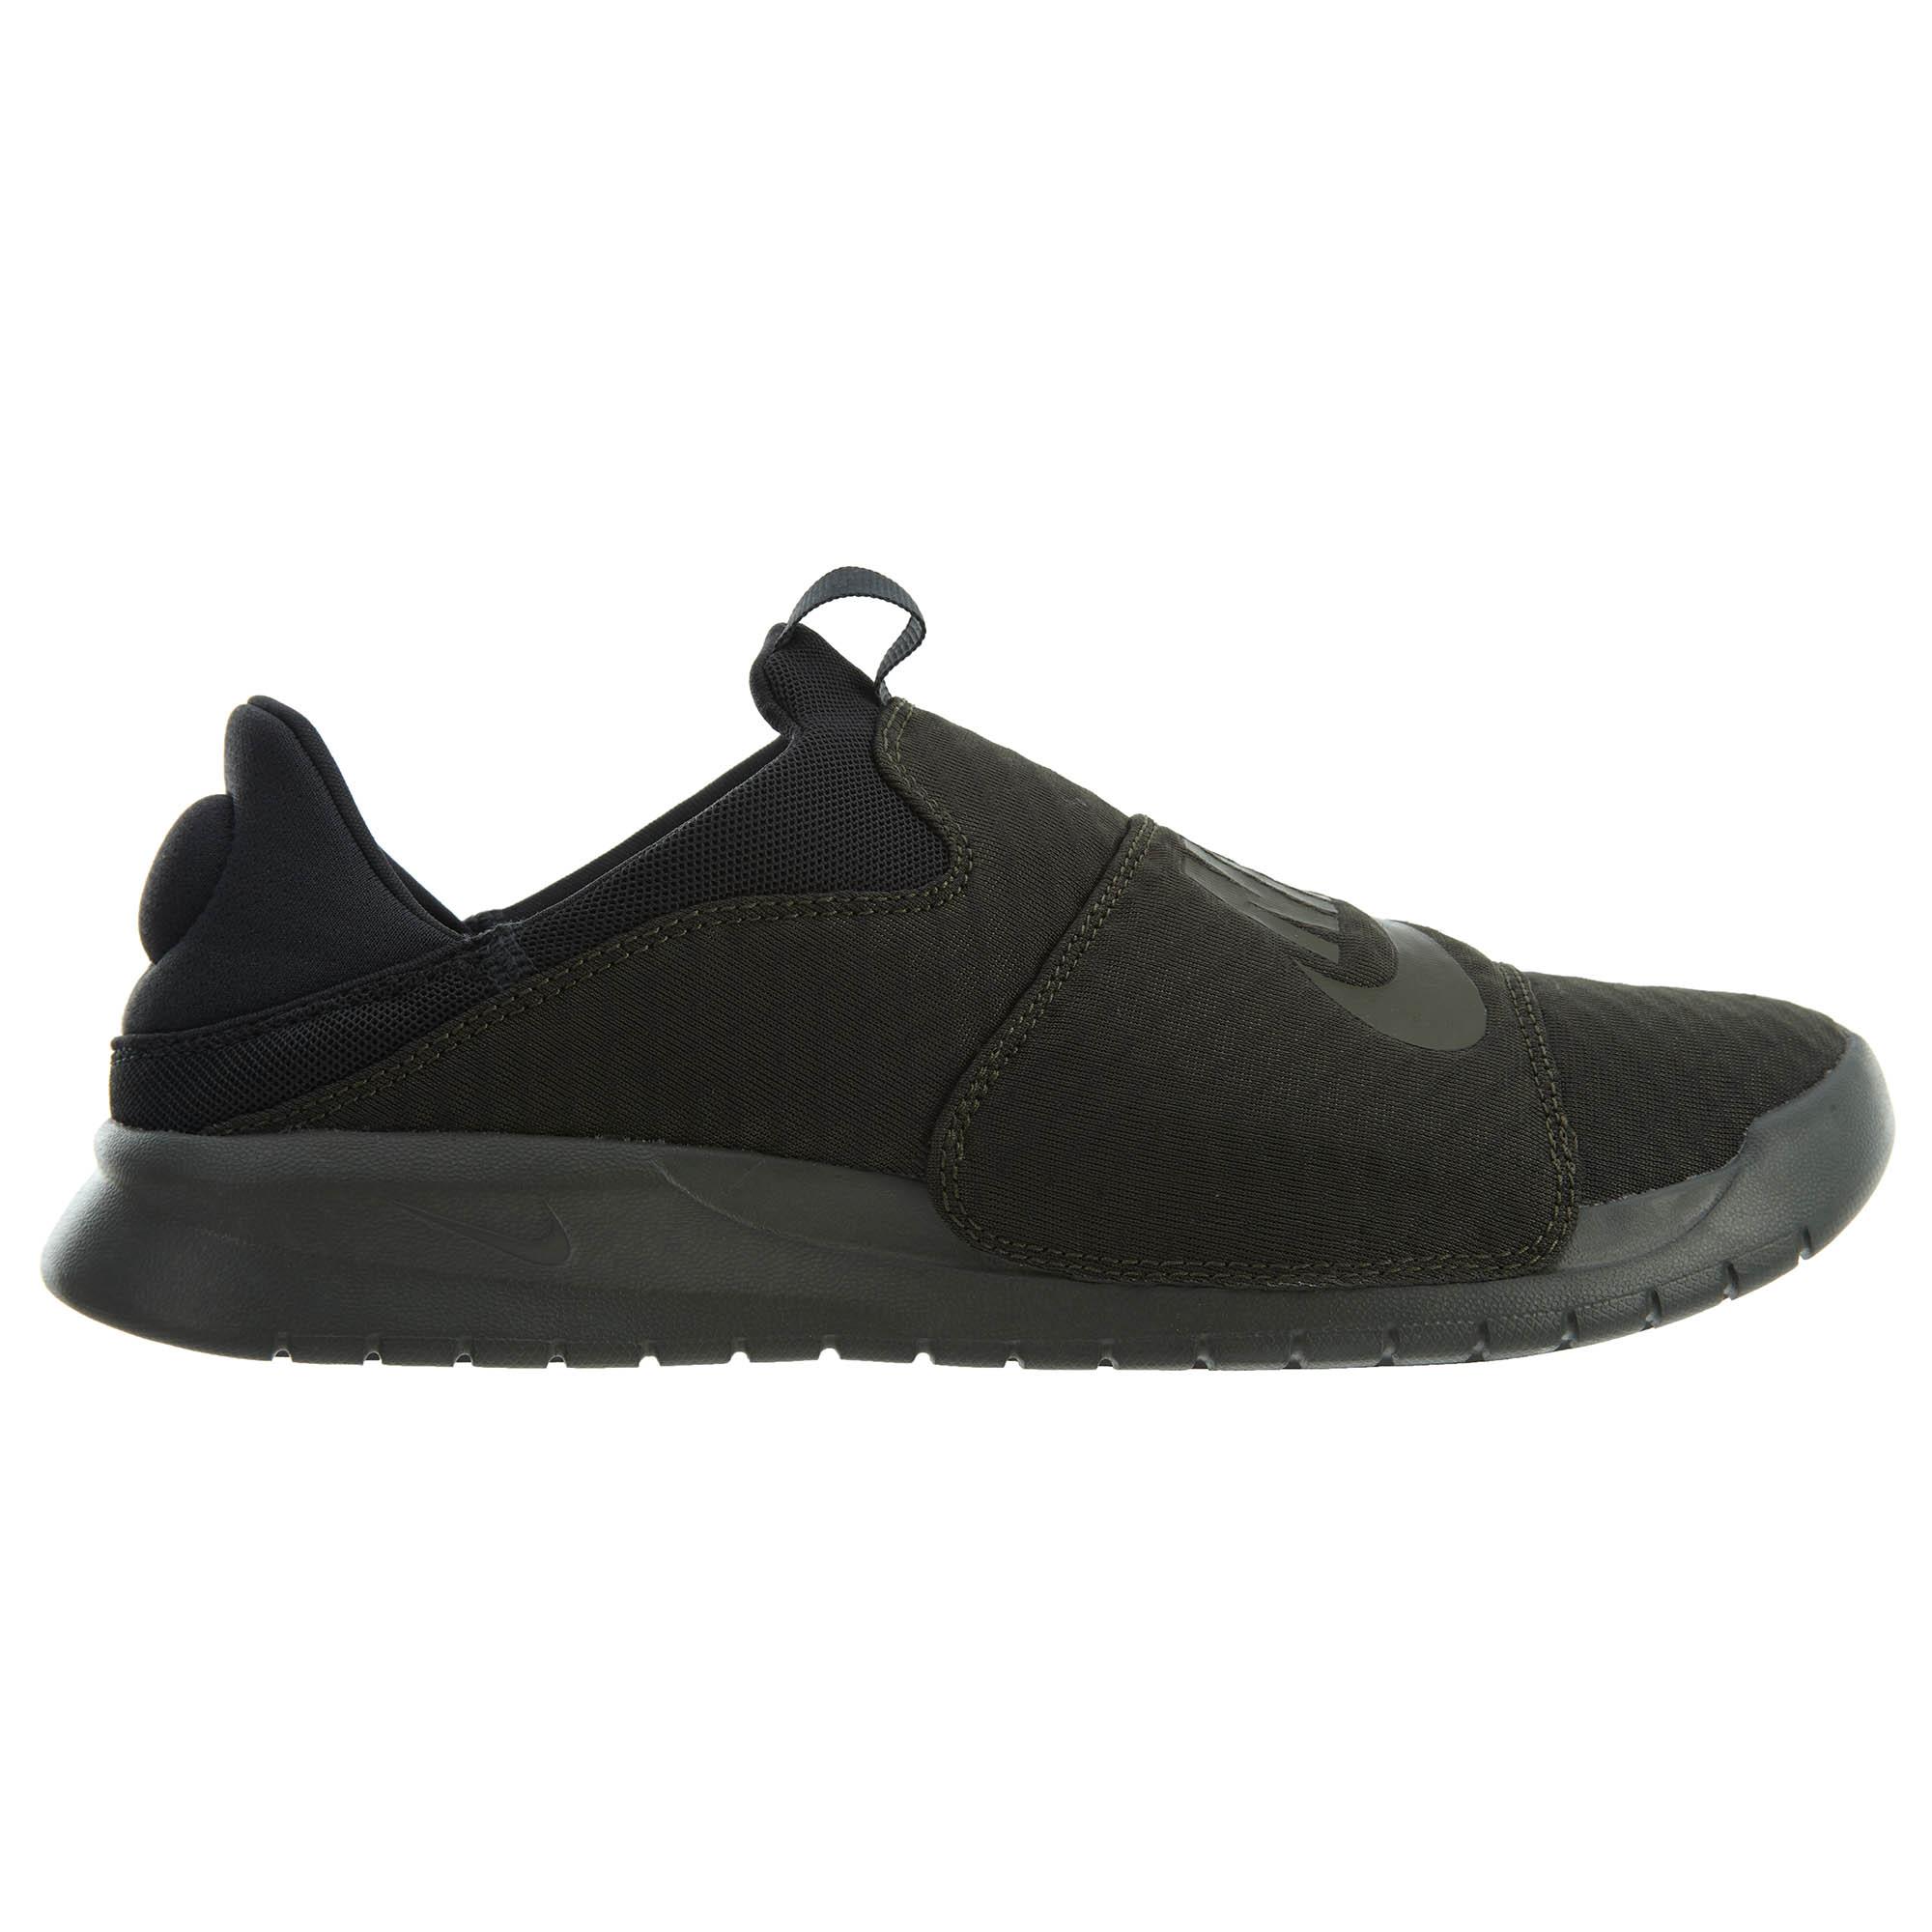 Nike Benassi Slp Cargo Khaki Cargo